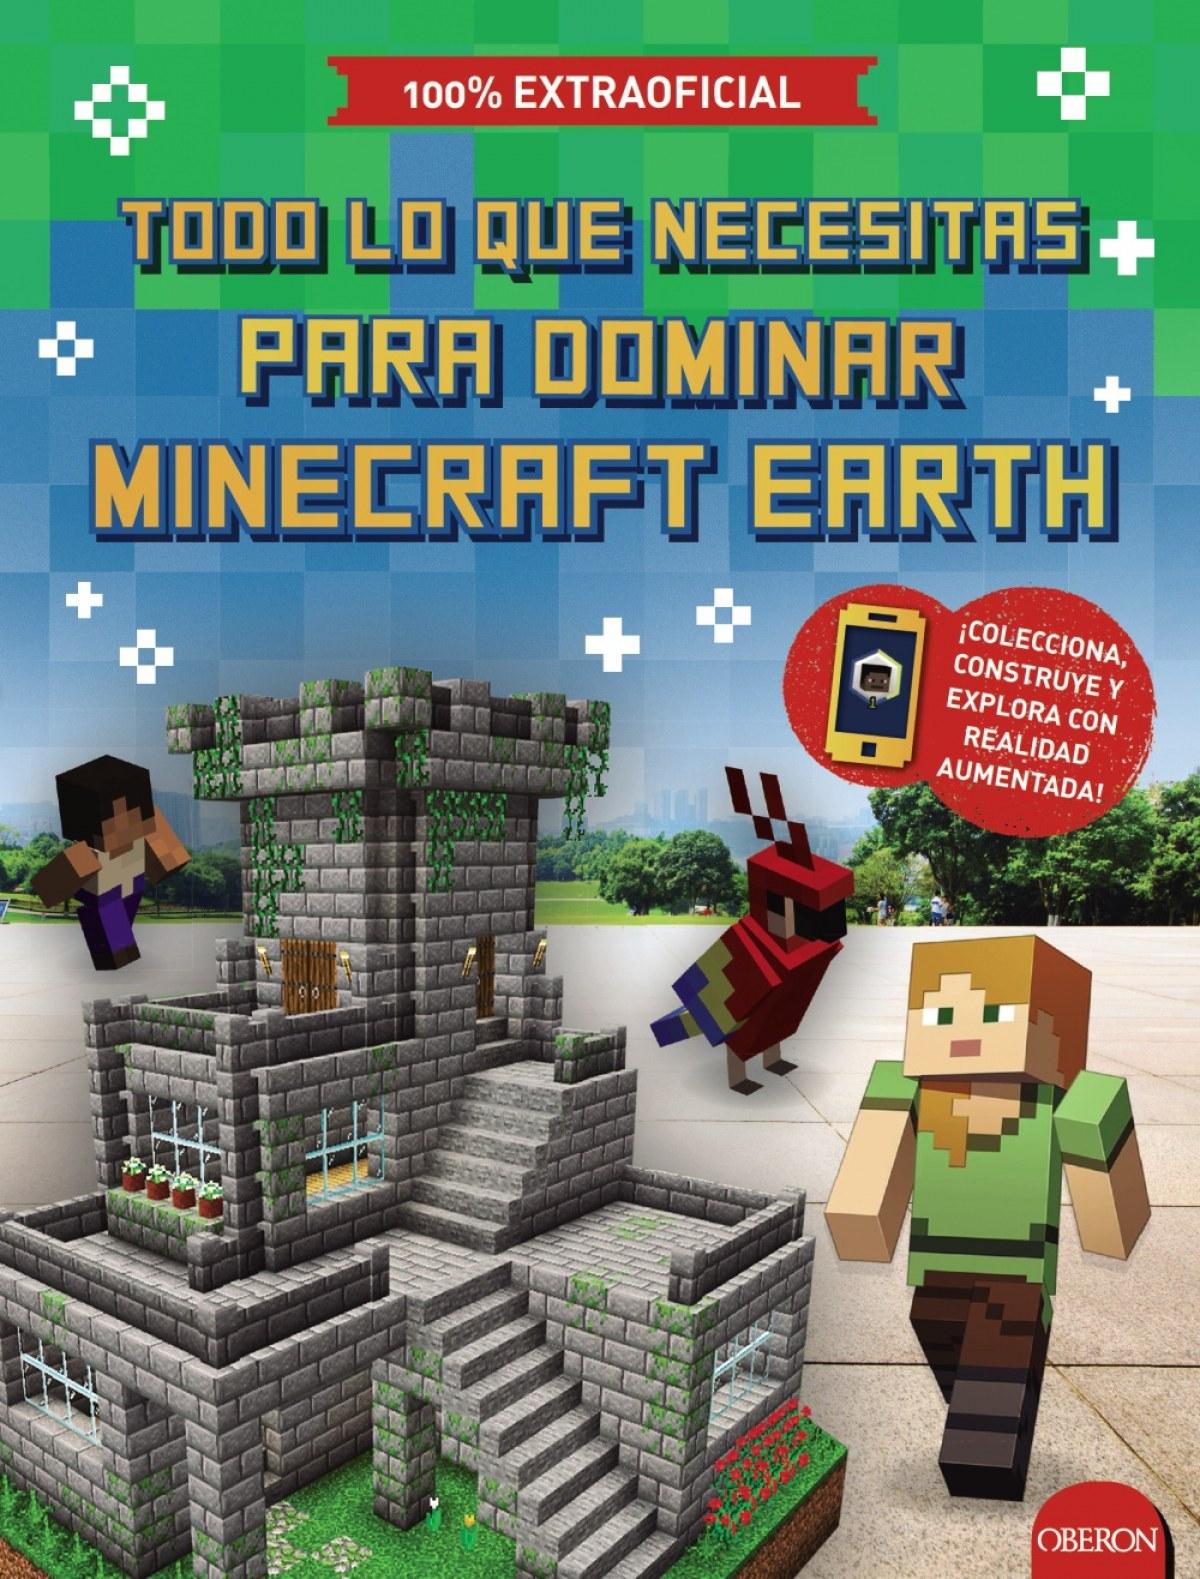 Todo lo que necesitas para dominar Minecraft Earth